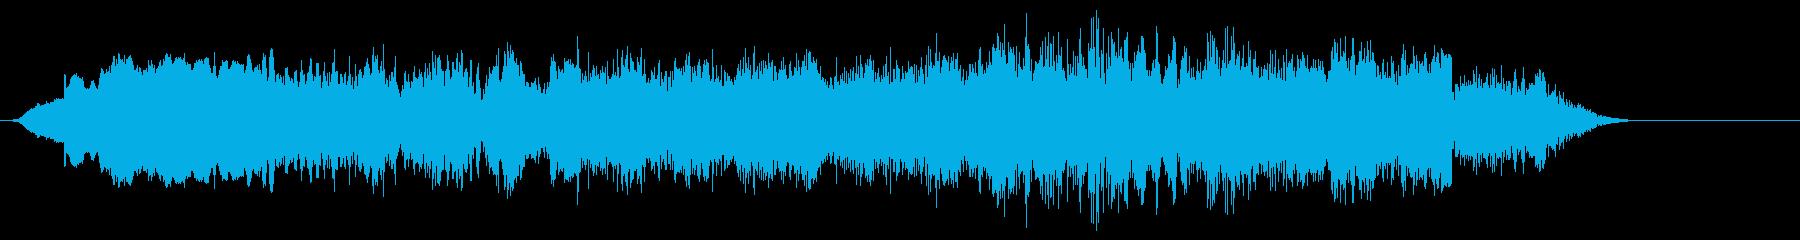 Xouyeブルズの再生済みの波形